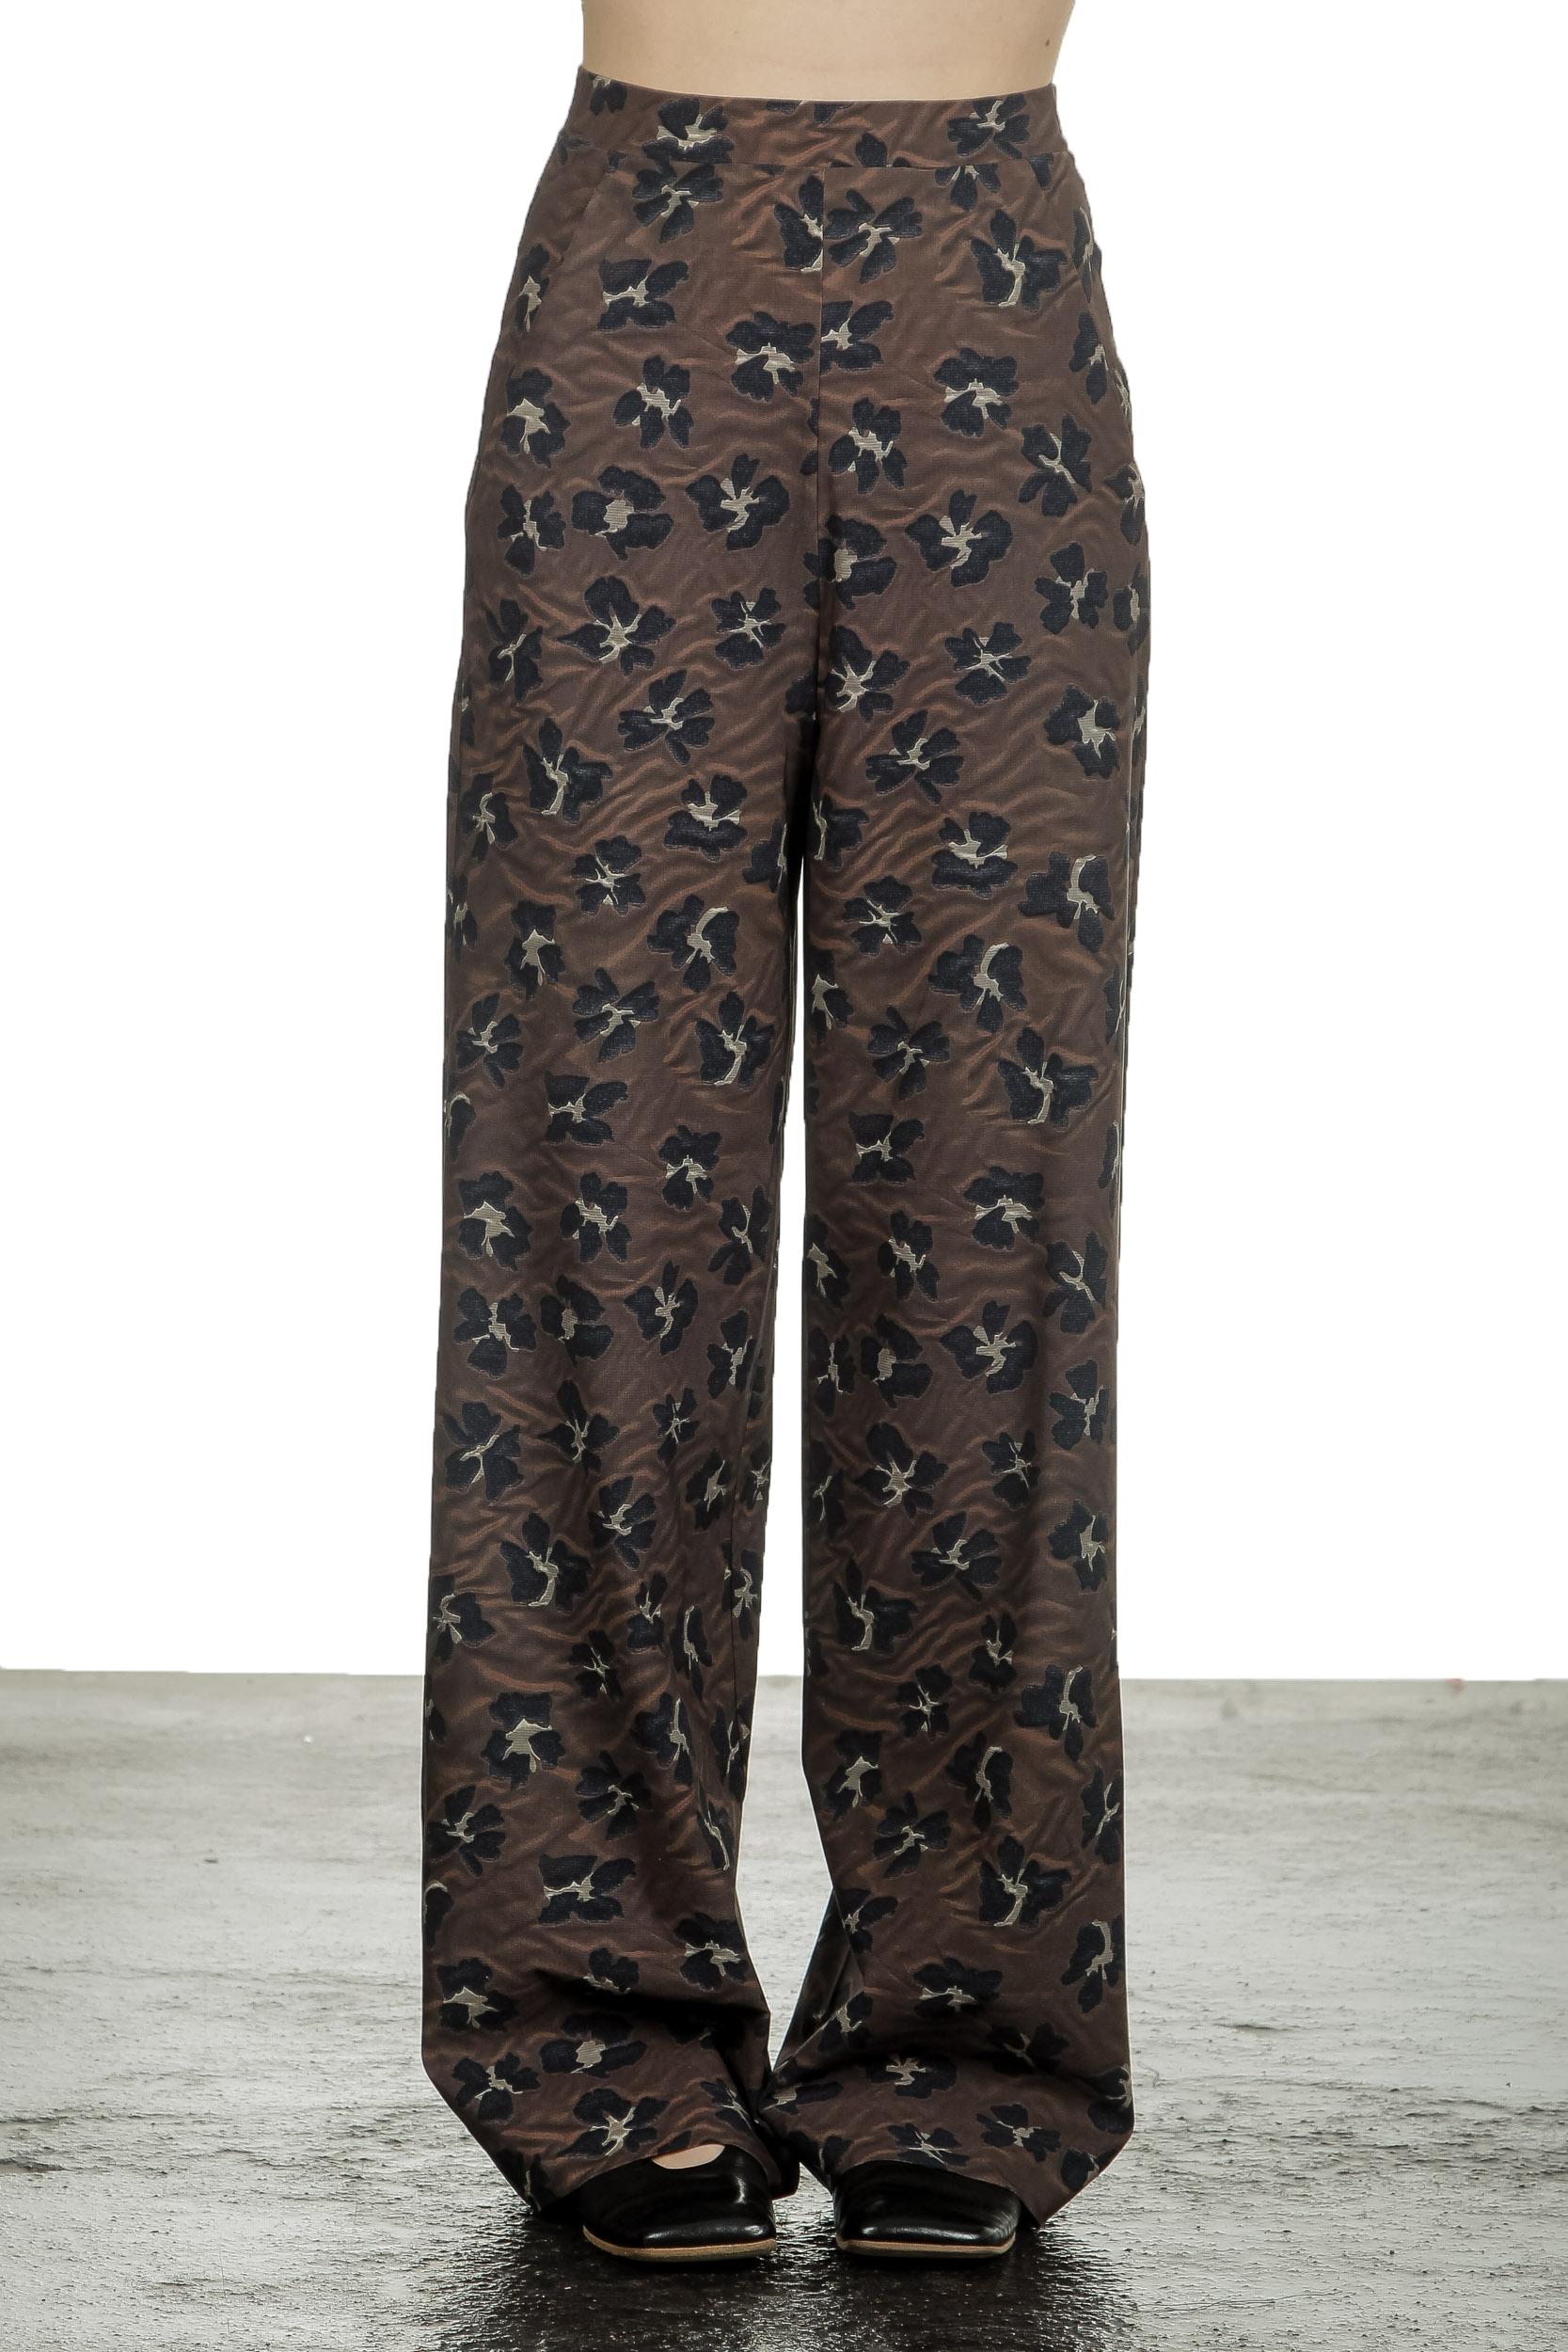 Hosen - Schella Kann 2 Damen Weite Hose mit Print mehrfarbig  - Onlineshop Luxury Loft